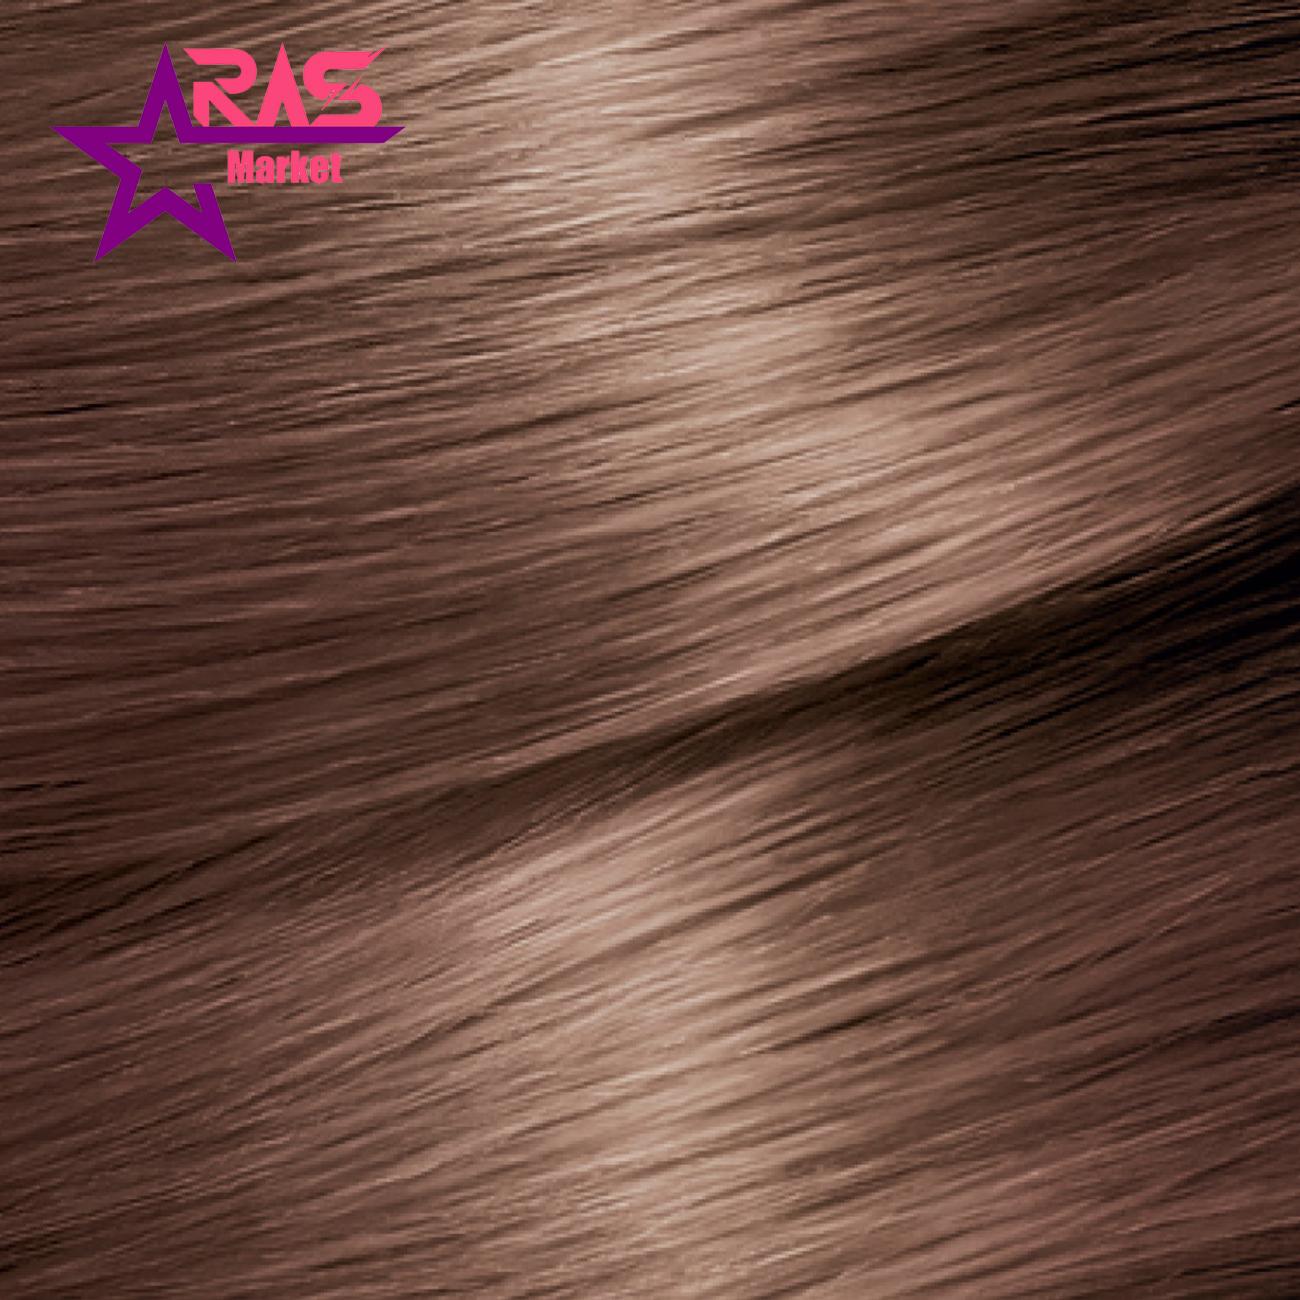 کیت رنگ مو گارنیر سری Color Naturals شماره 6N ، فروشگاه اینترنتی ارس مارکت ، رنگ موی گارنیر